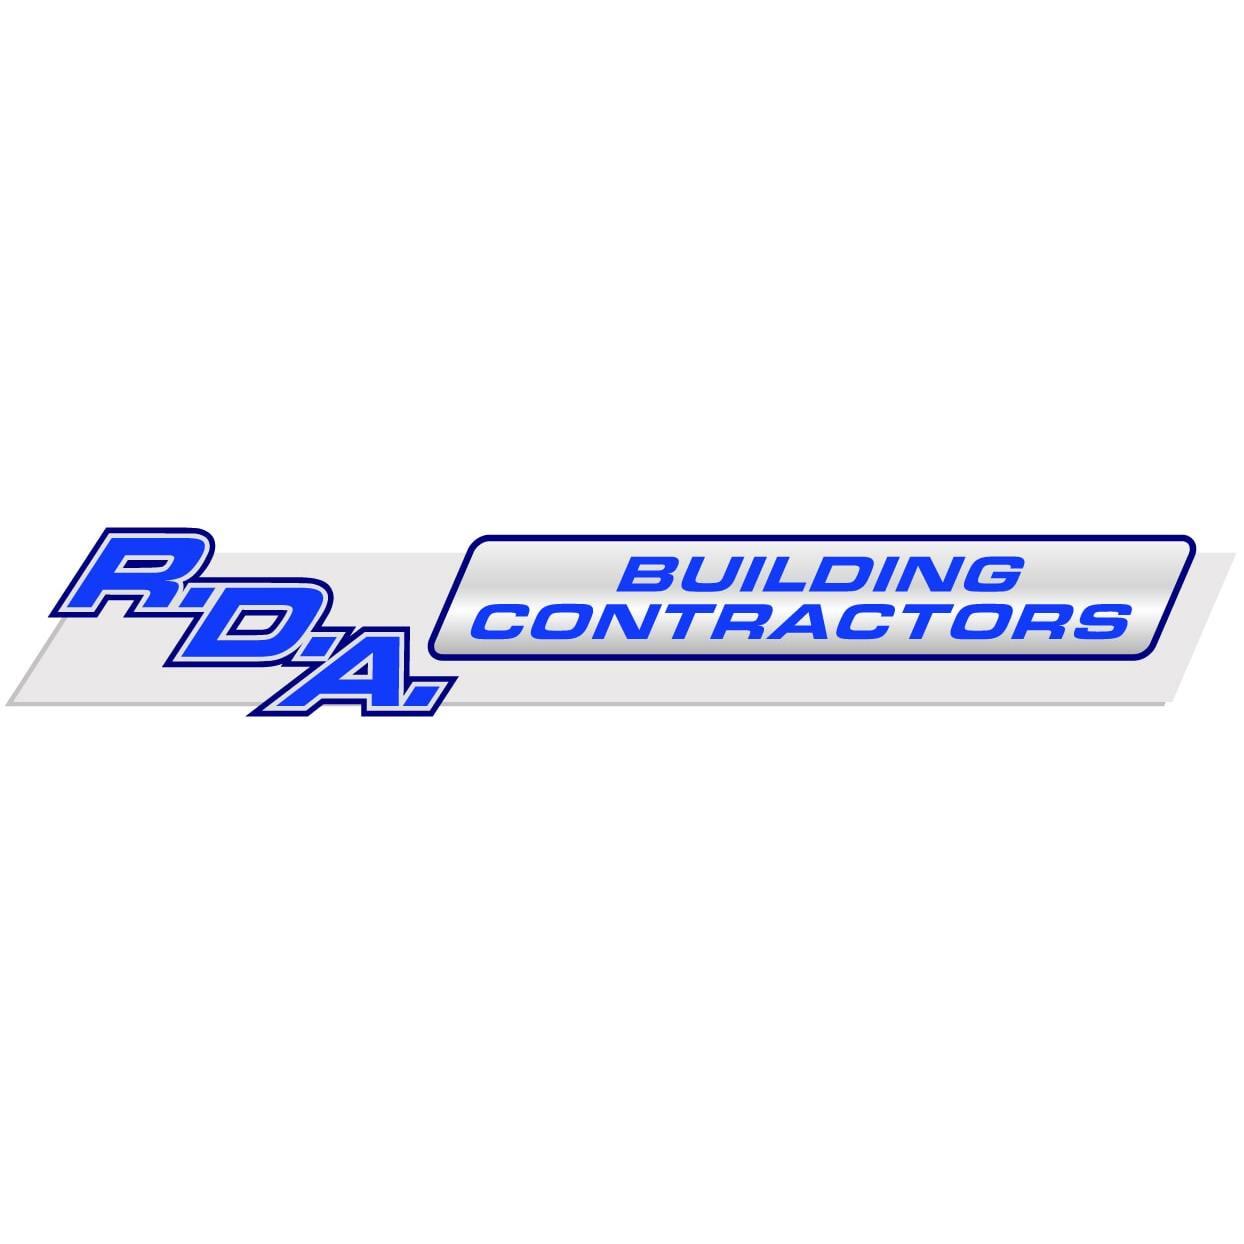 R.D.A. Building Contractors